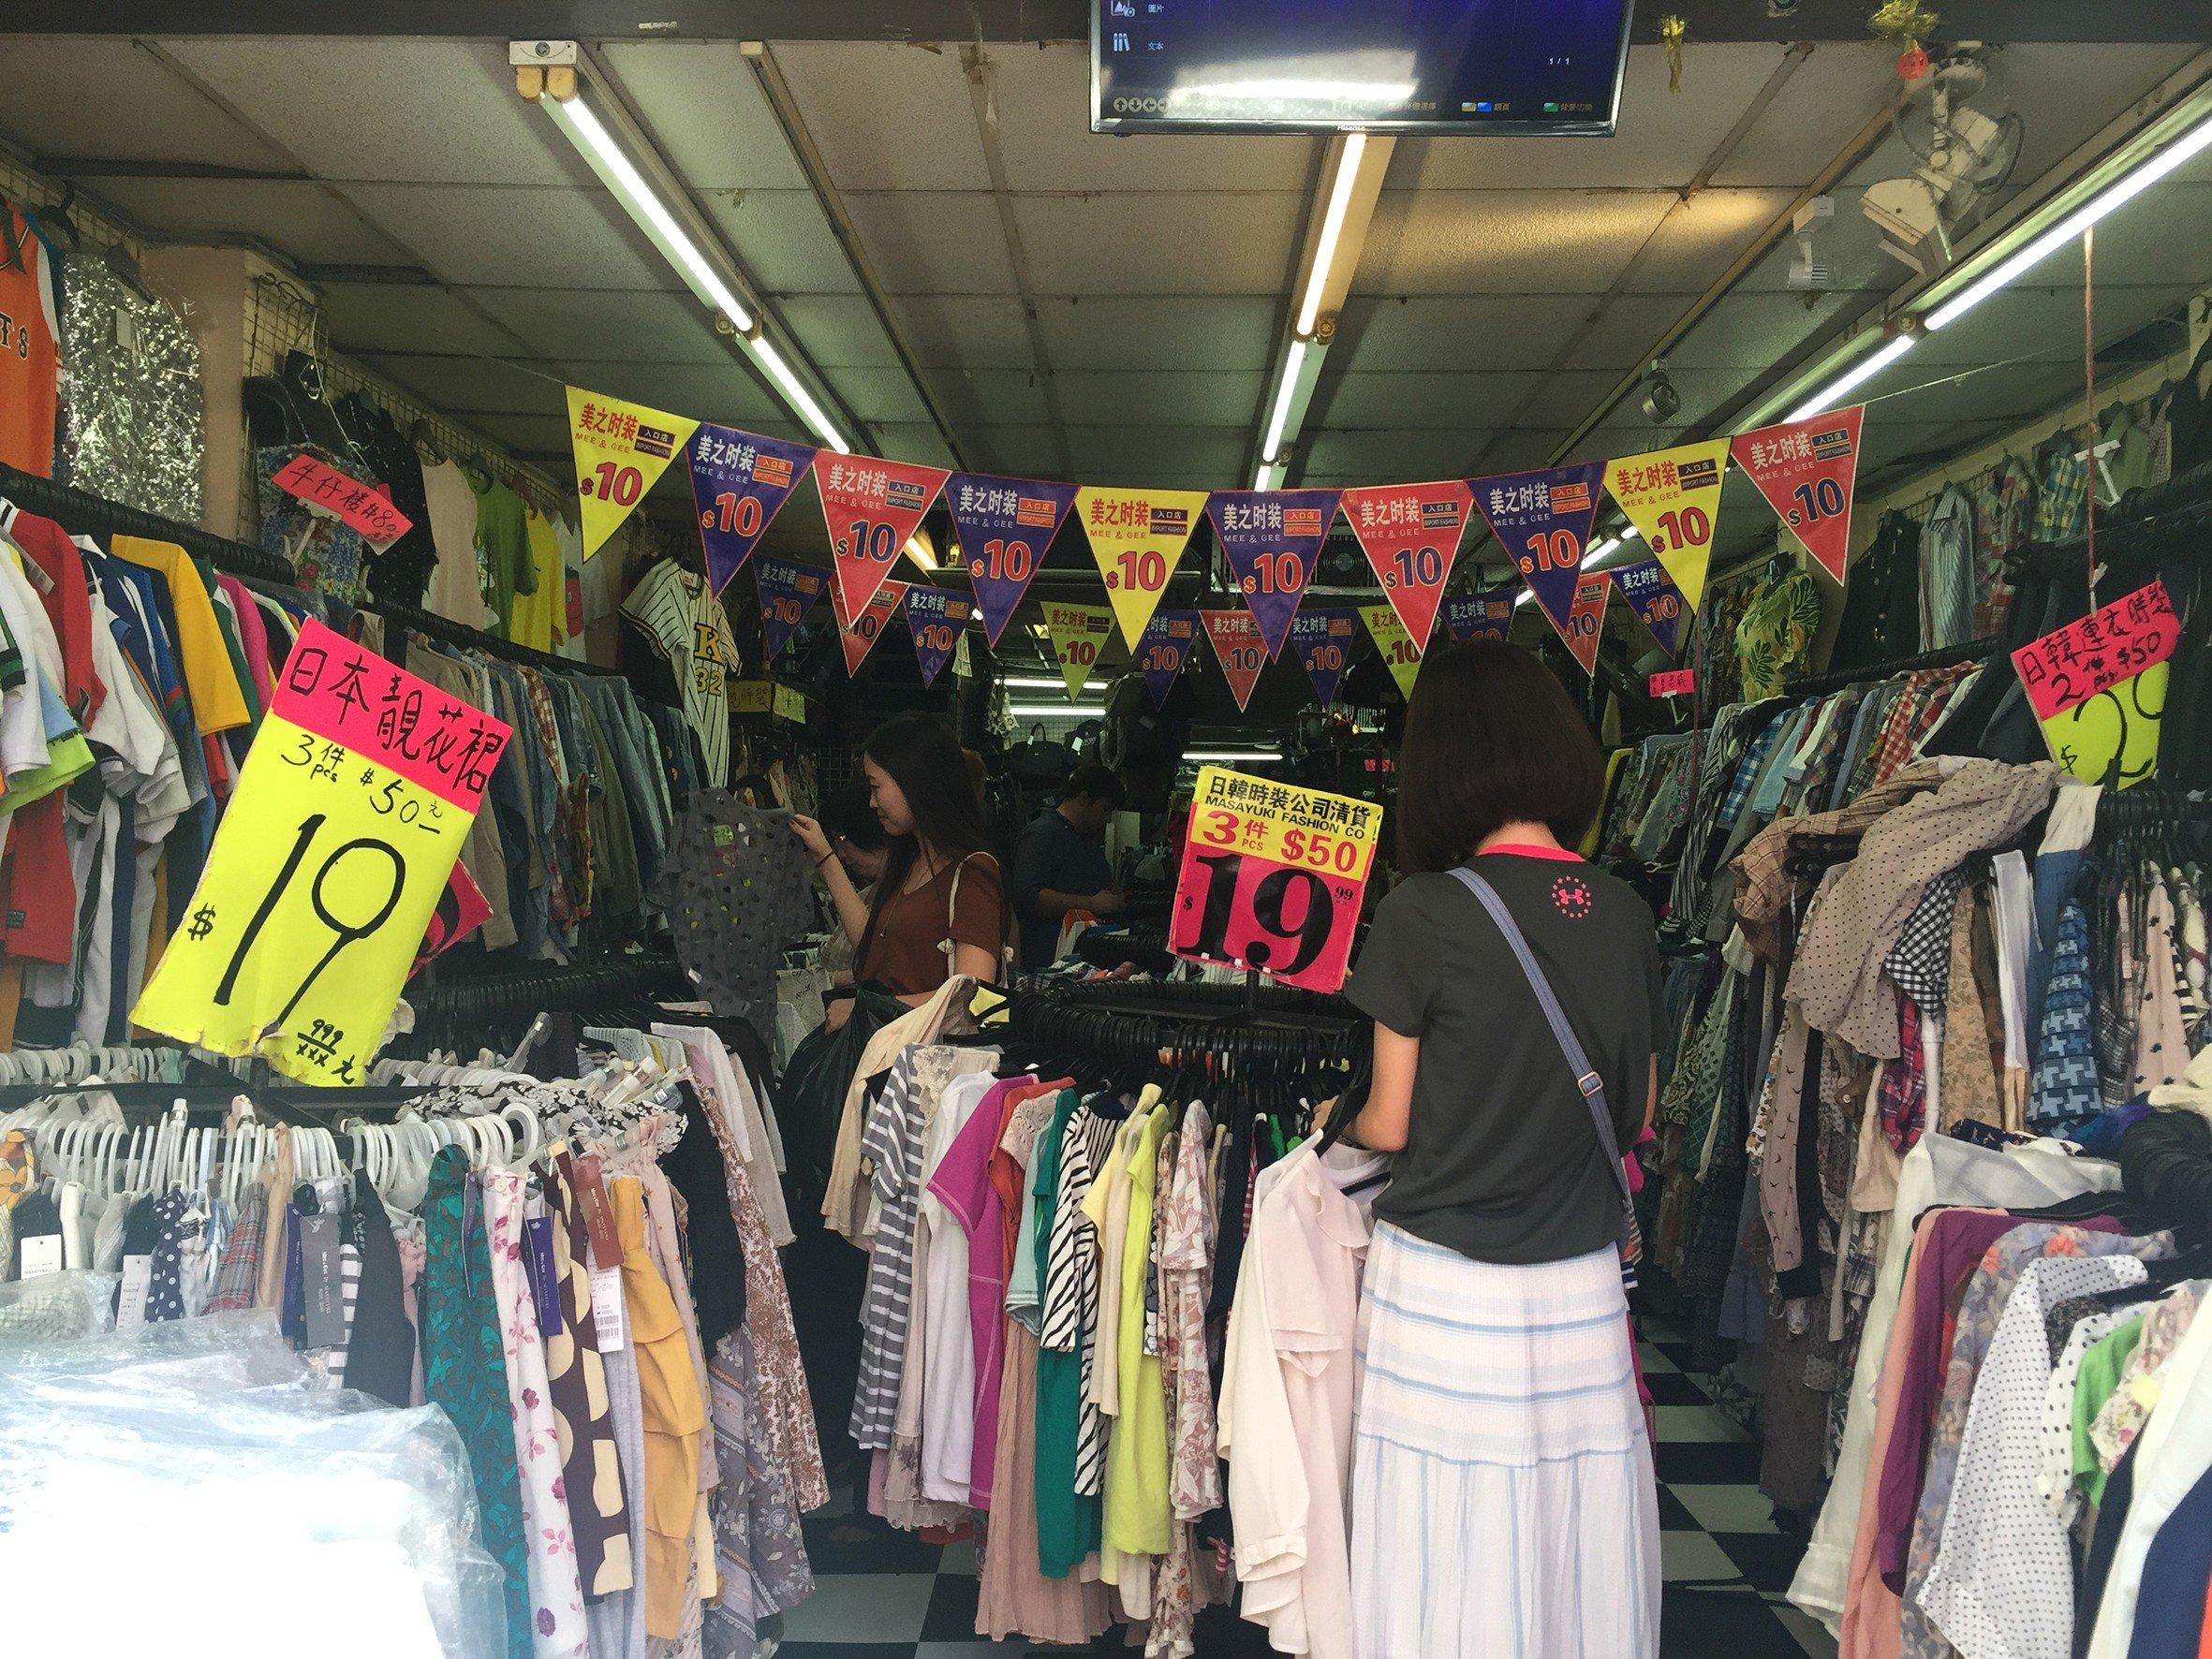 """Các cửa hàng bán hàng thùng mọc lên như nấm ở Hàn Quốc được giới trẻ """"phát cuồng"""": Đồ cũ bán theo chủ đề độc đáo, hàng hiệu lại giá rẻ theo cân - Ảnh 3."""